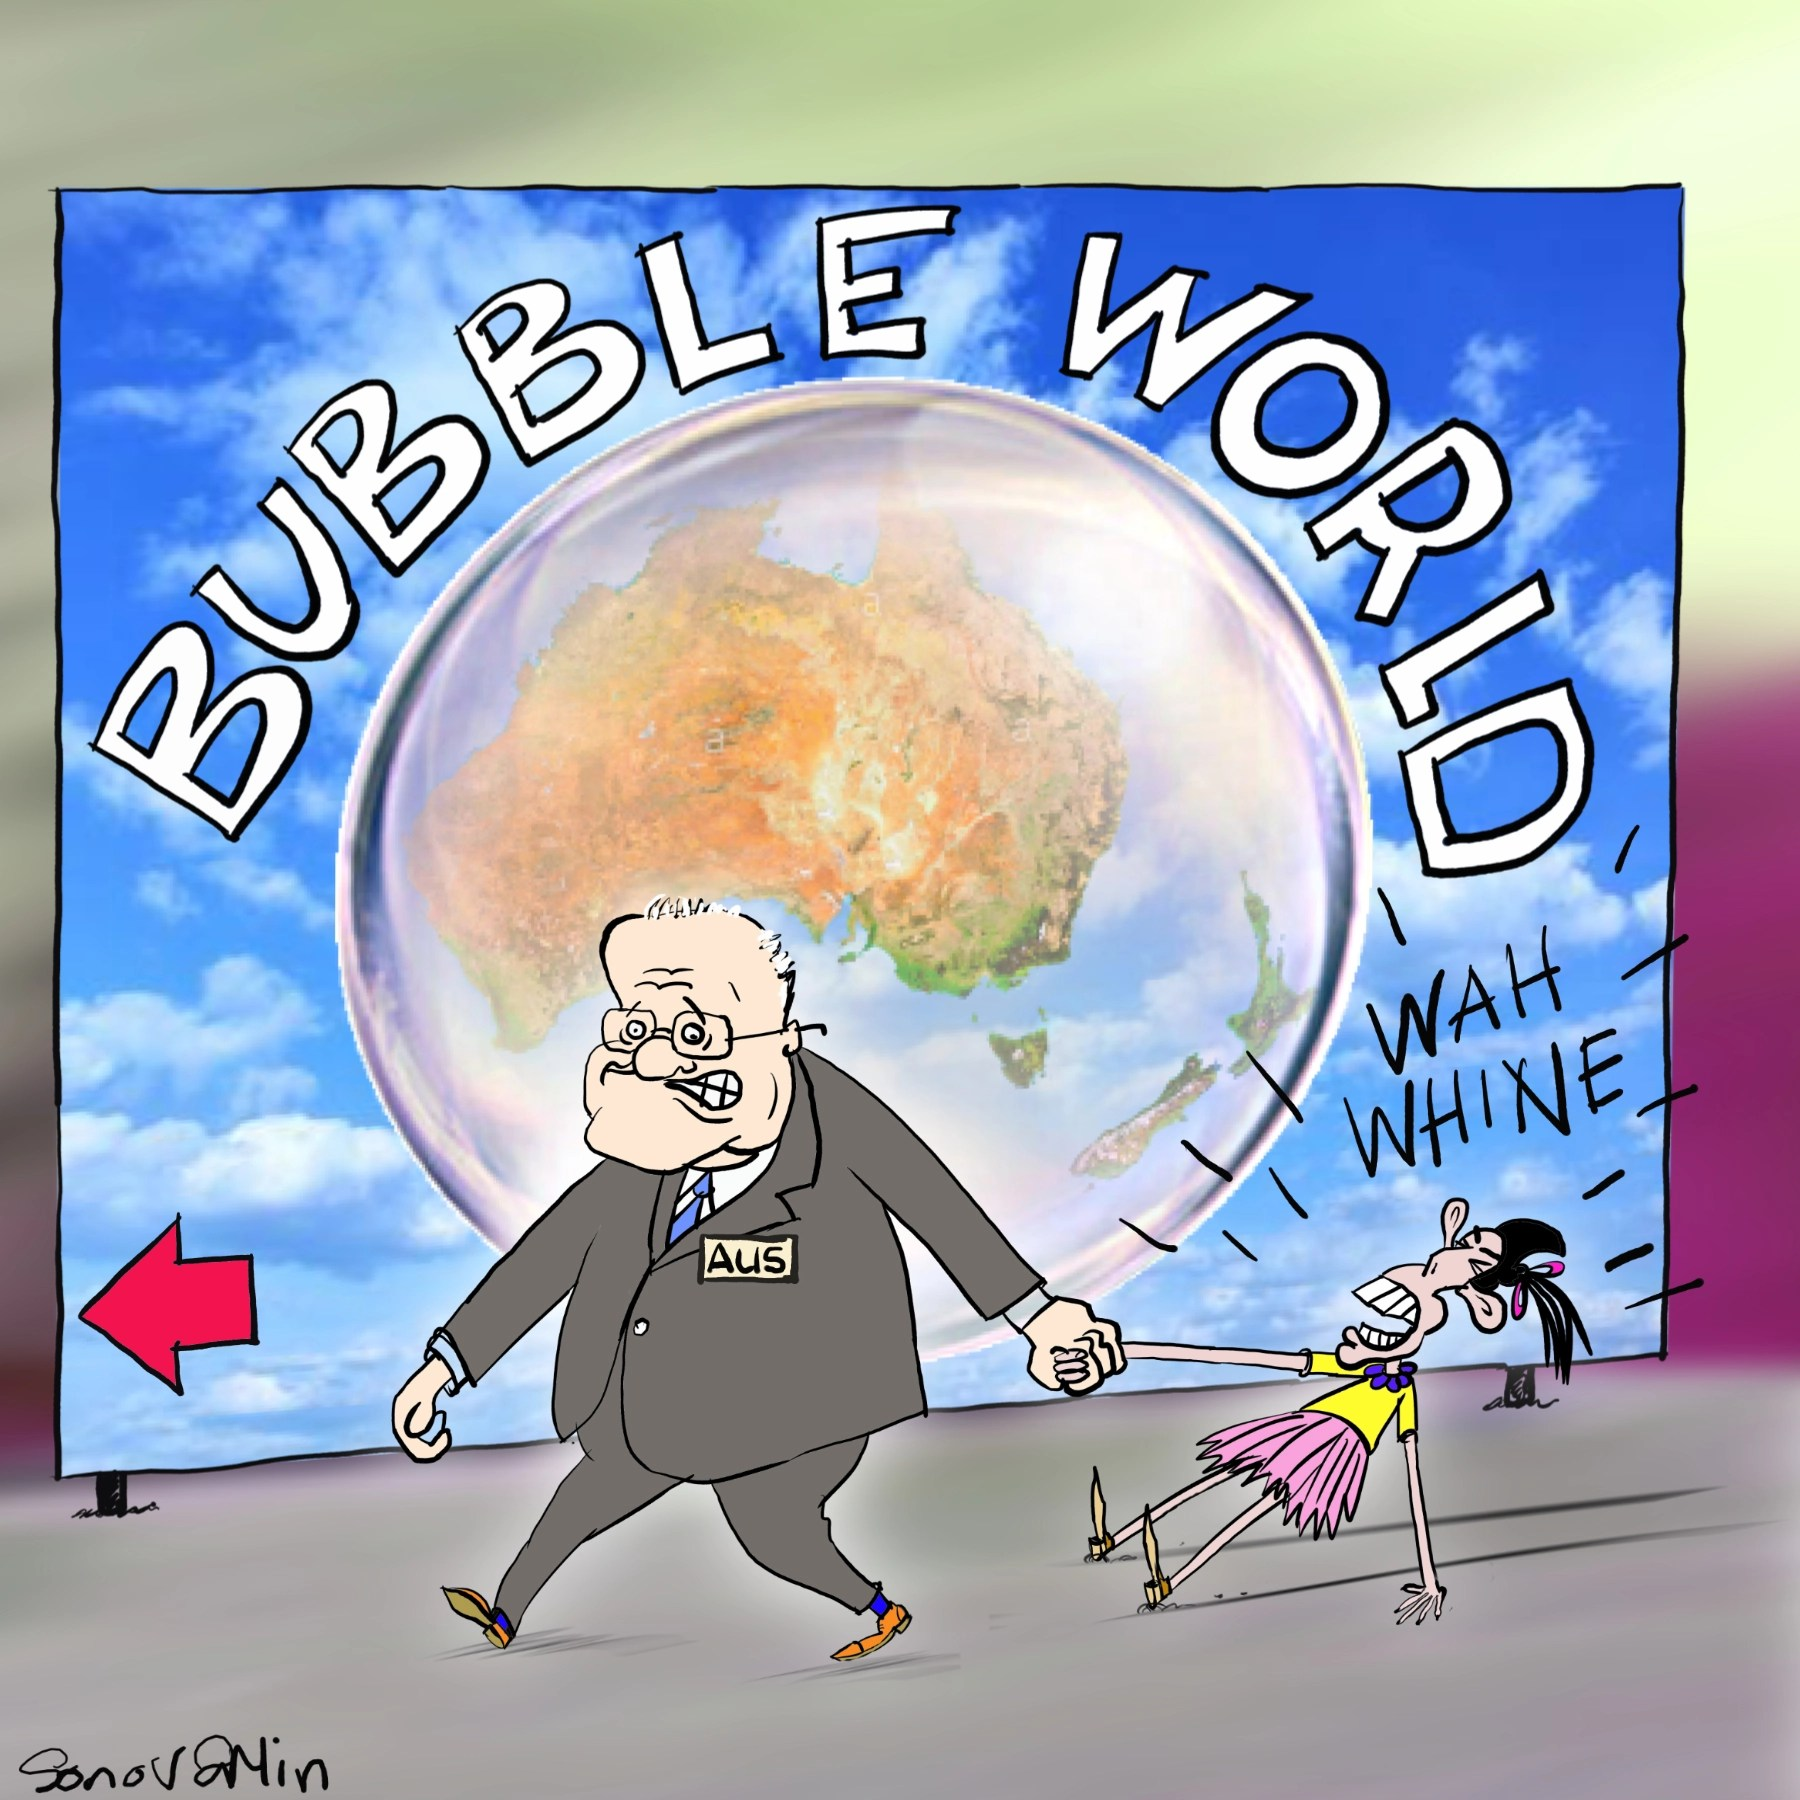 Free Taste: Cartoon by Sonovamin